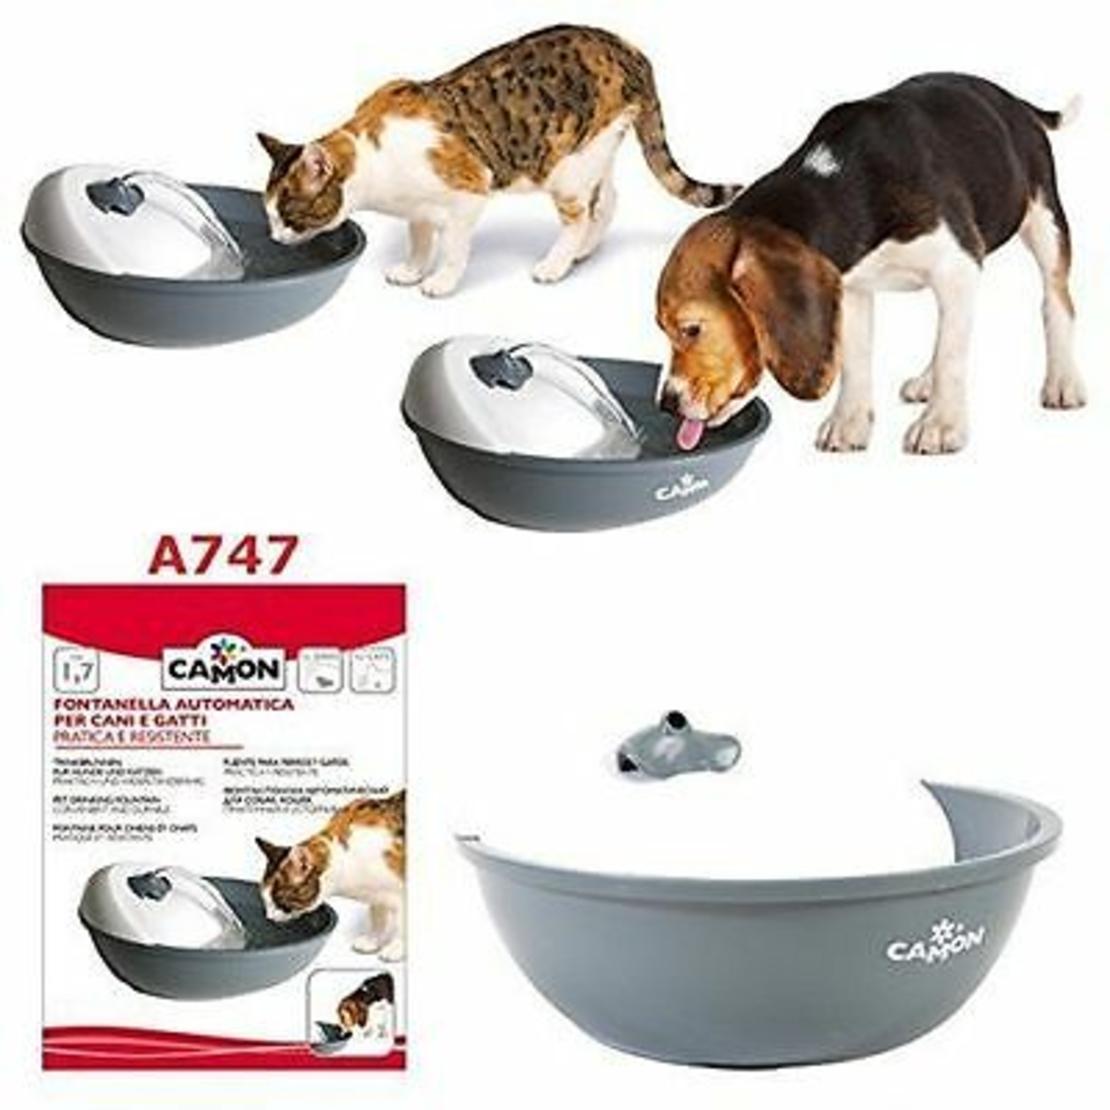 מזרקה לחתול ולכלב 1.7 ליטר